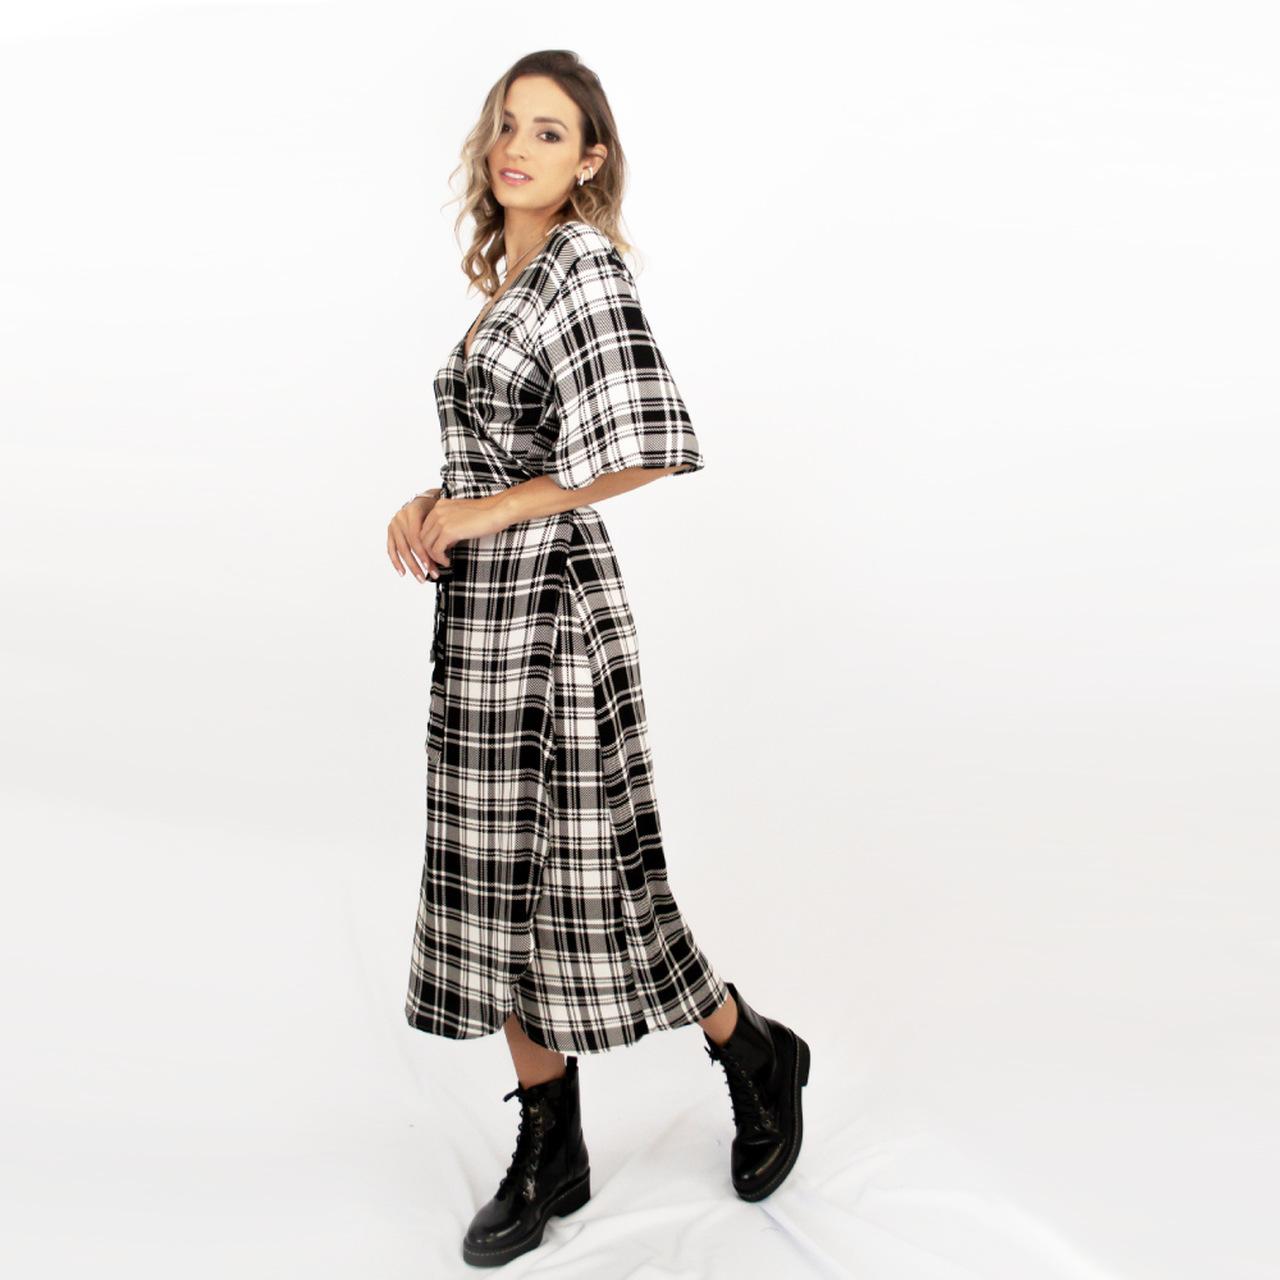 Vestido Transpassado Juli - Xadrez